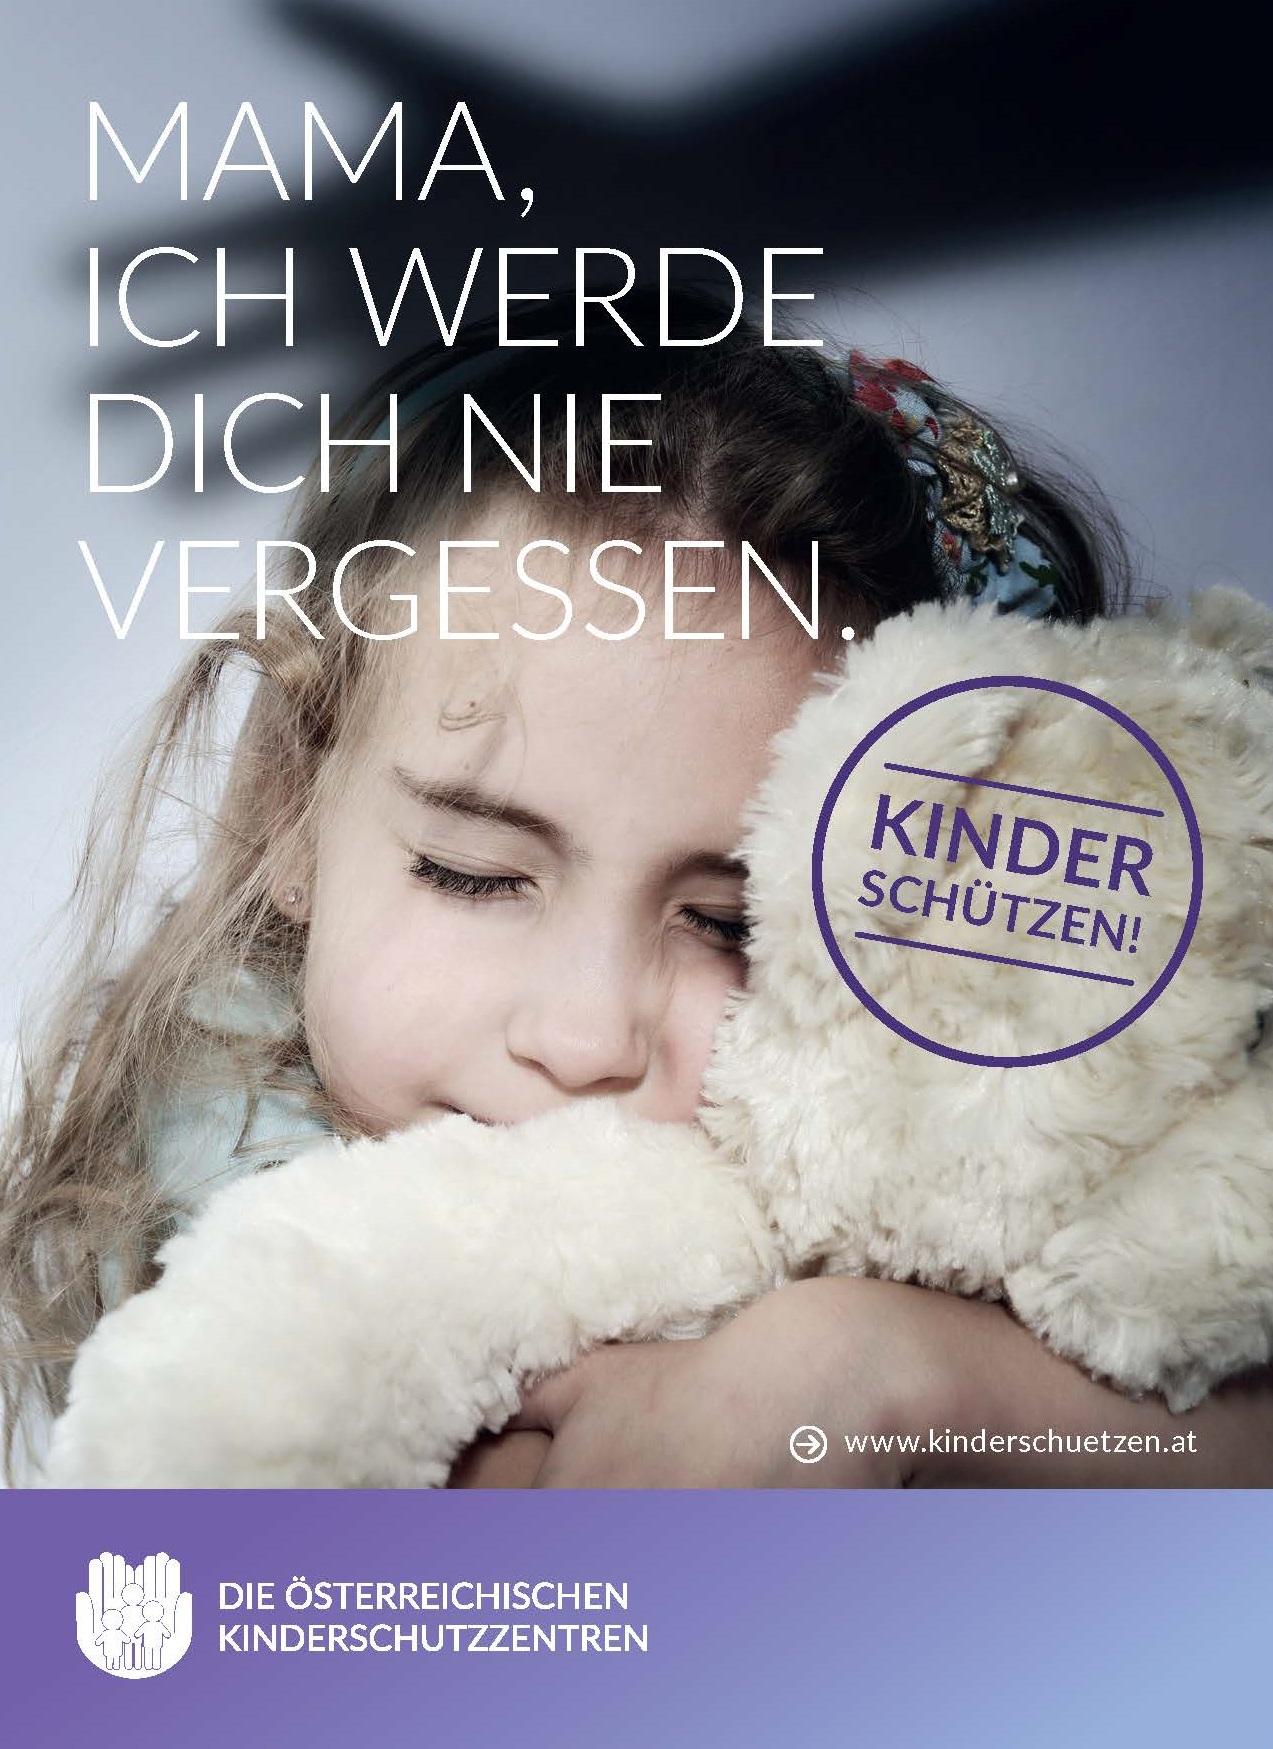 Kinderschützen_Elternstützen_Mama_Postkarte_SUJET_DINA6_Seite_1